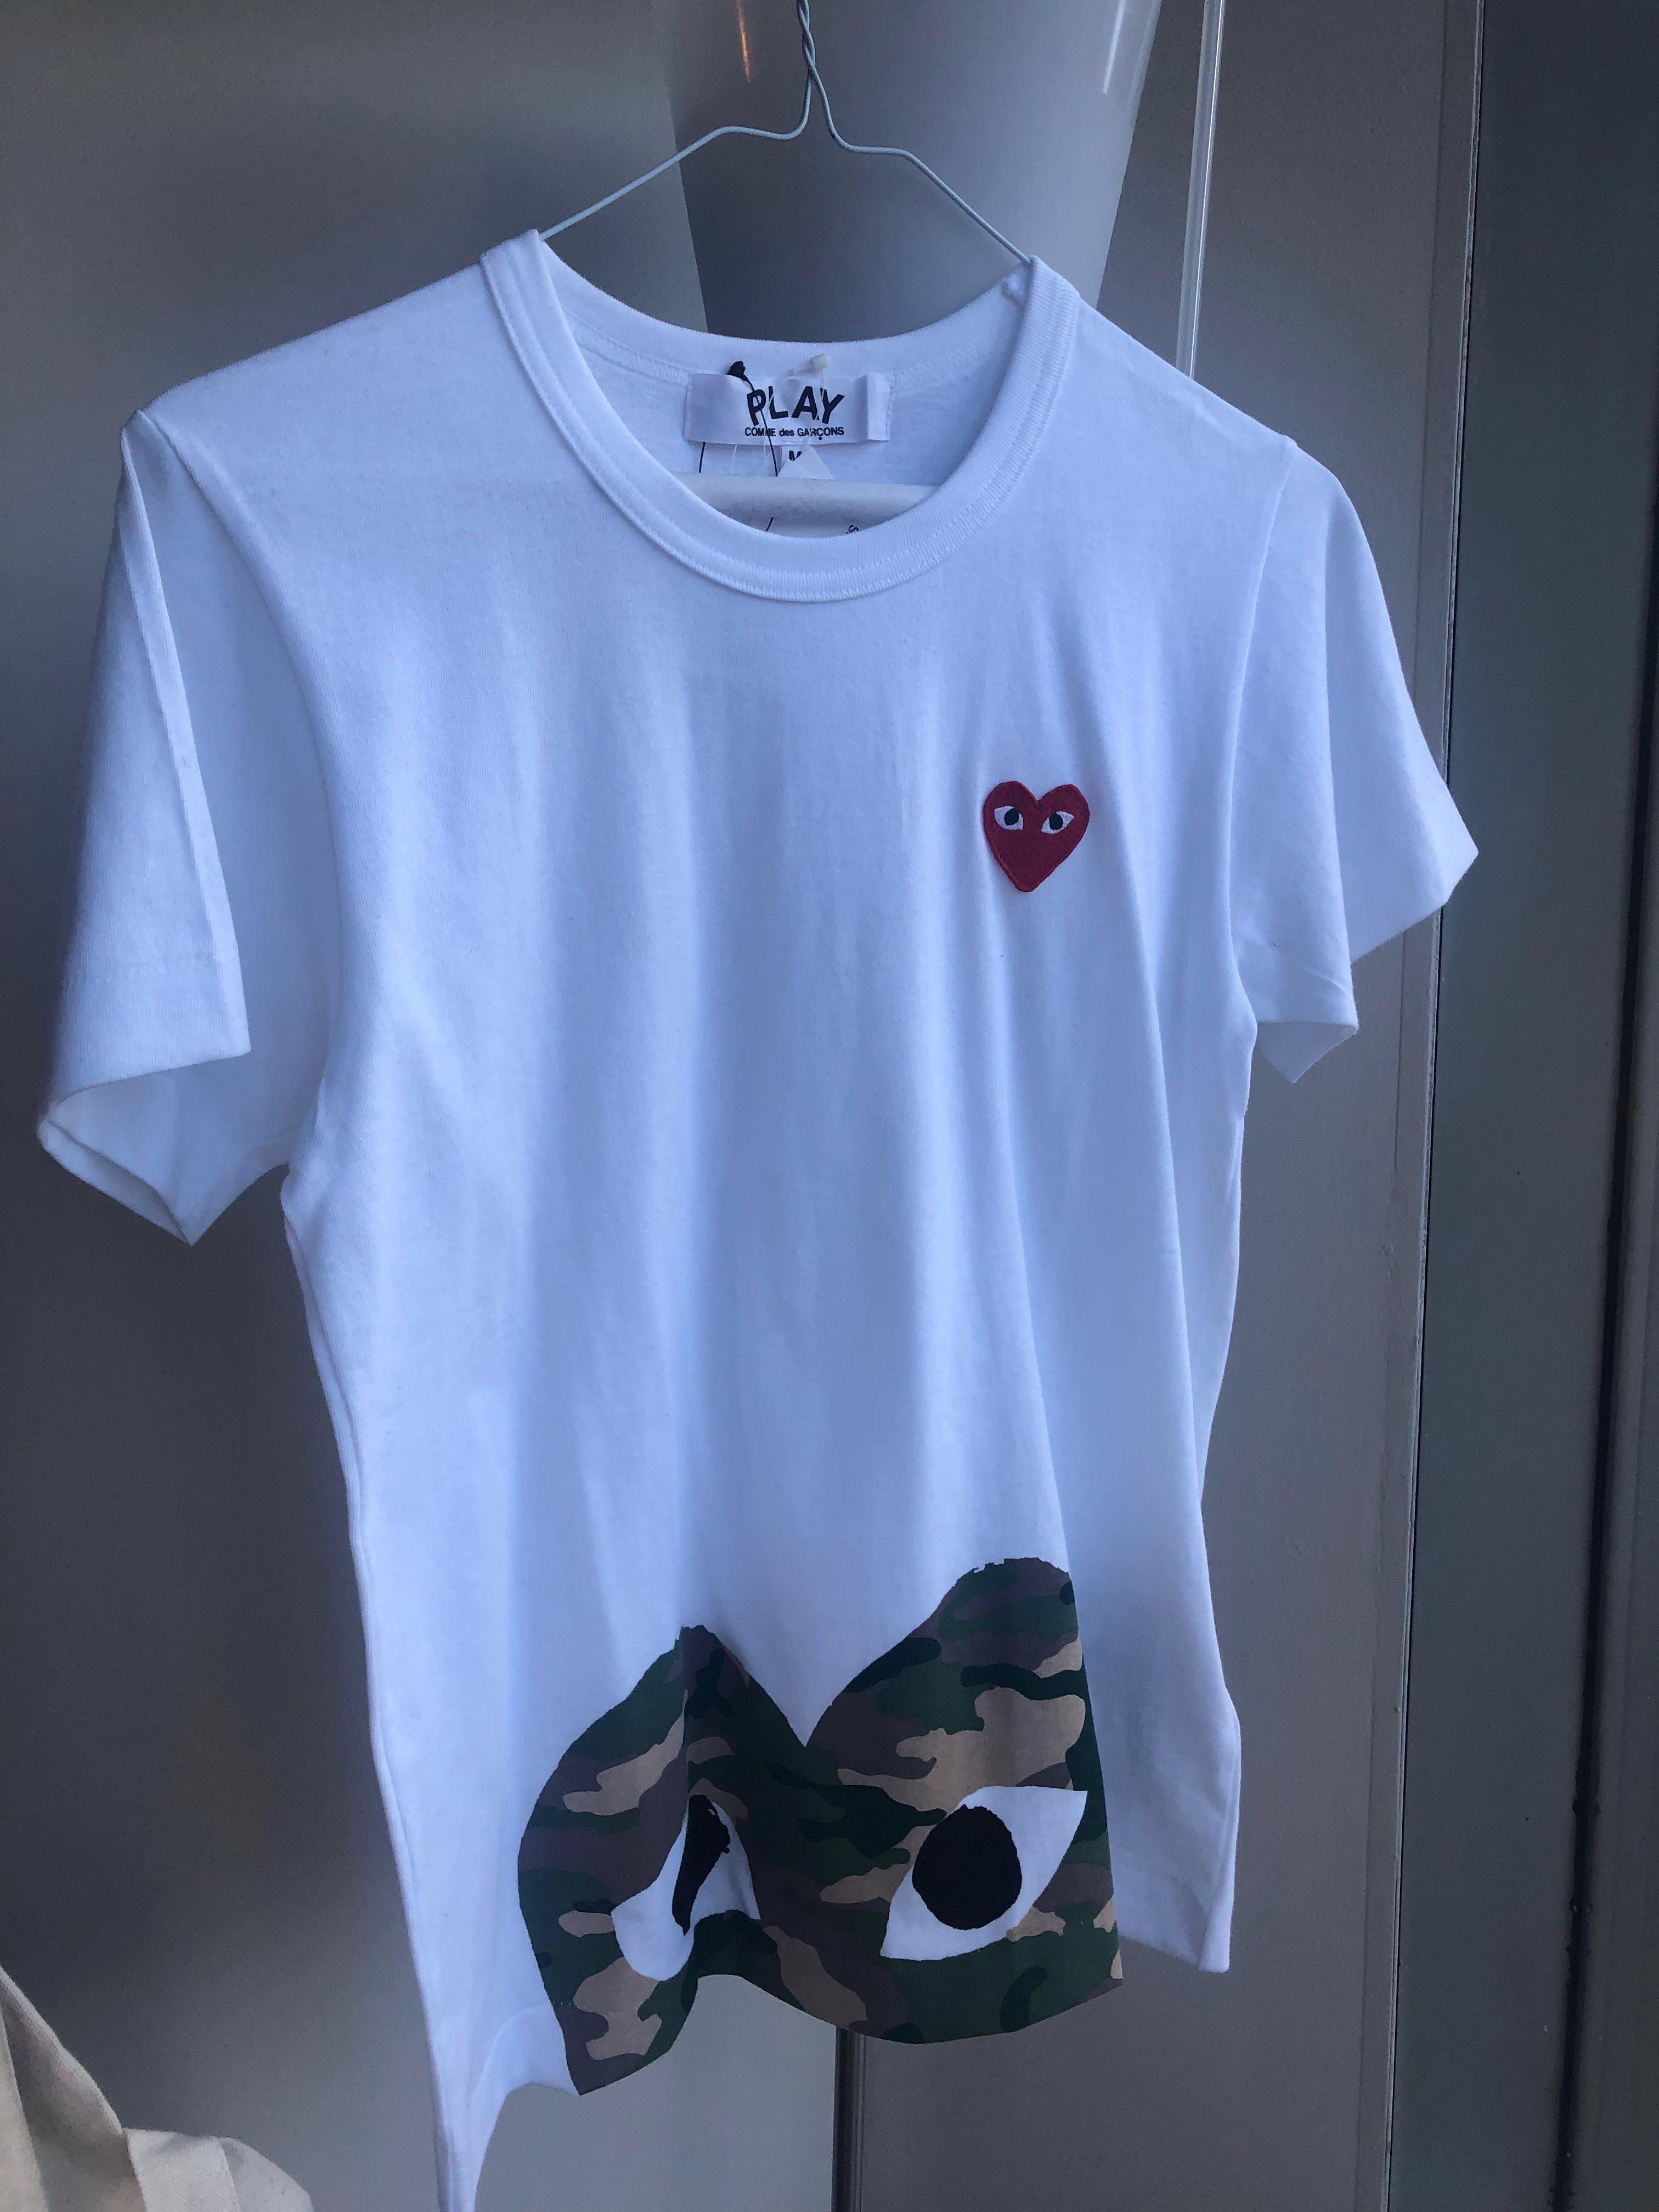 Comme des Garçons PLAY T-Shirt - Camo Bottom Heart